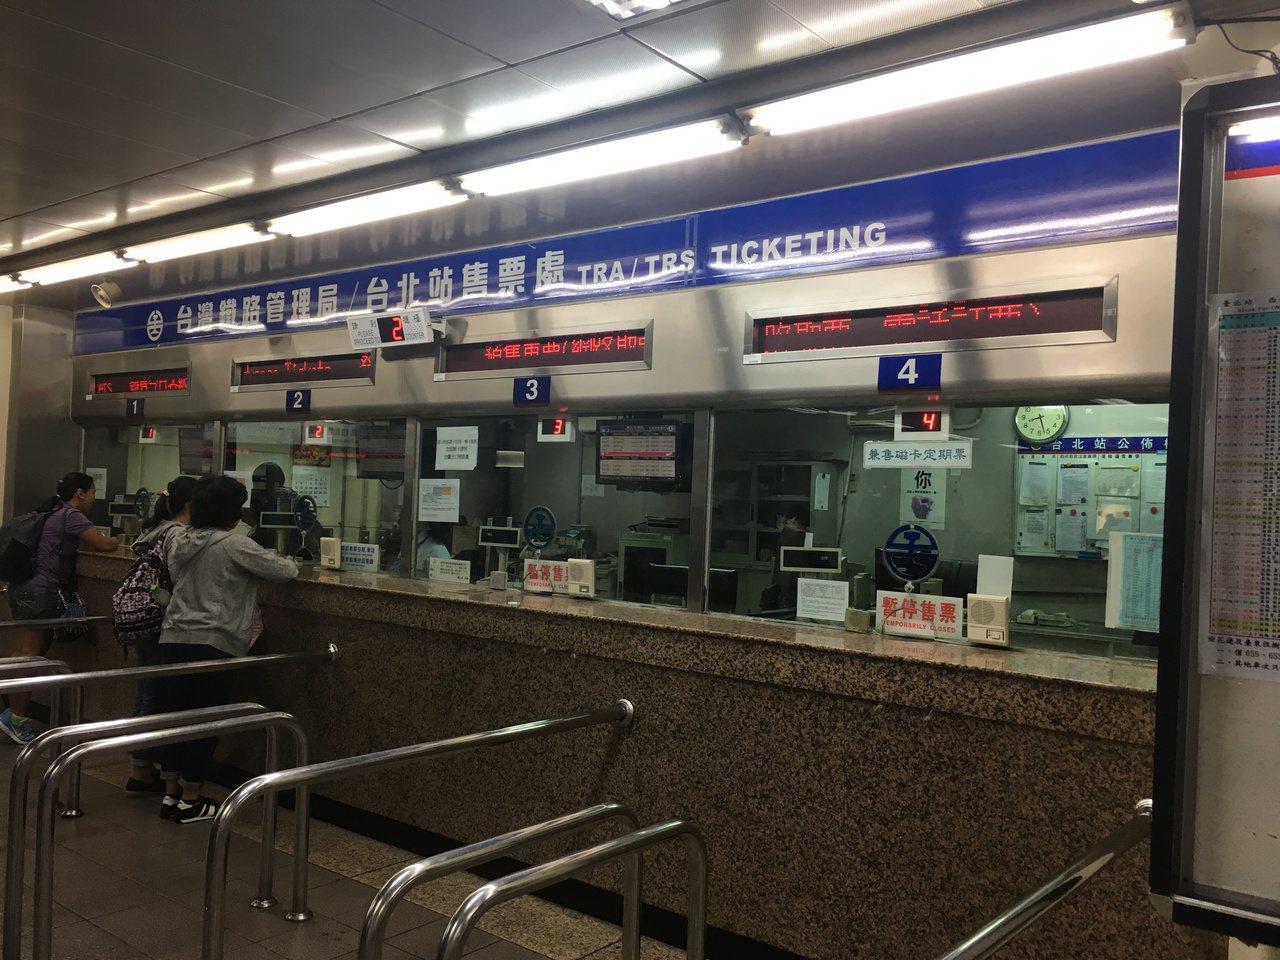 明年元旦起台鐵要求旅客在到站10分鐘後出站,圖為台鐵售票處。記者雷光涵/攝影